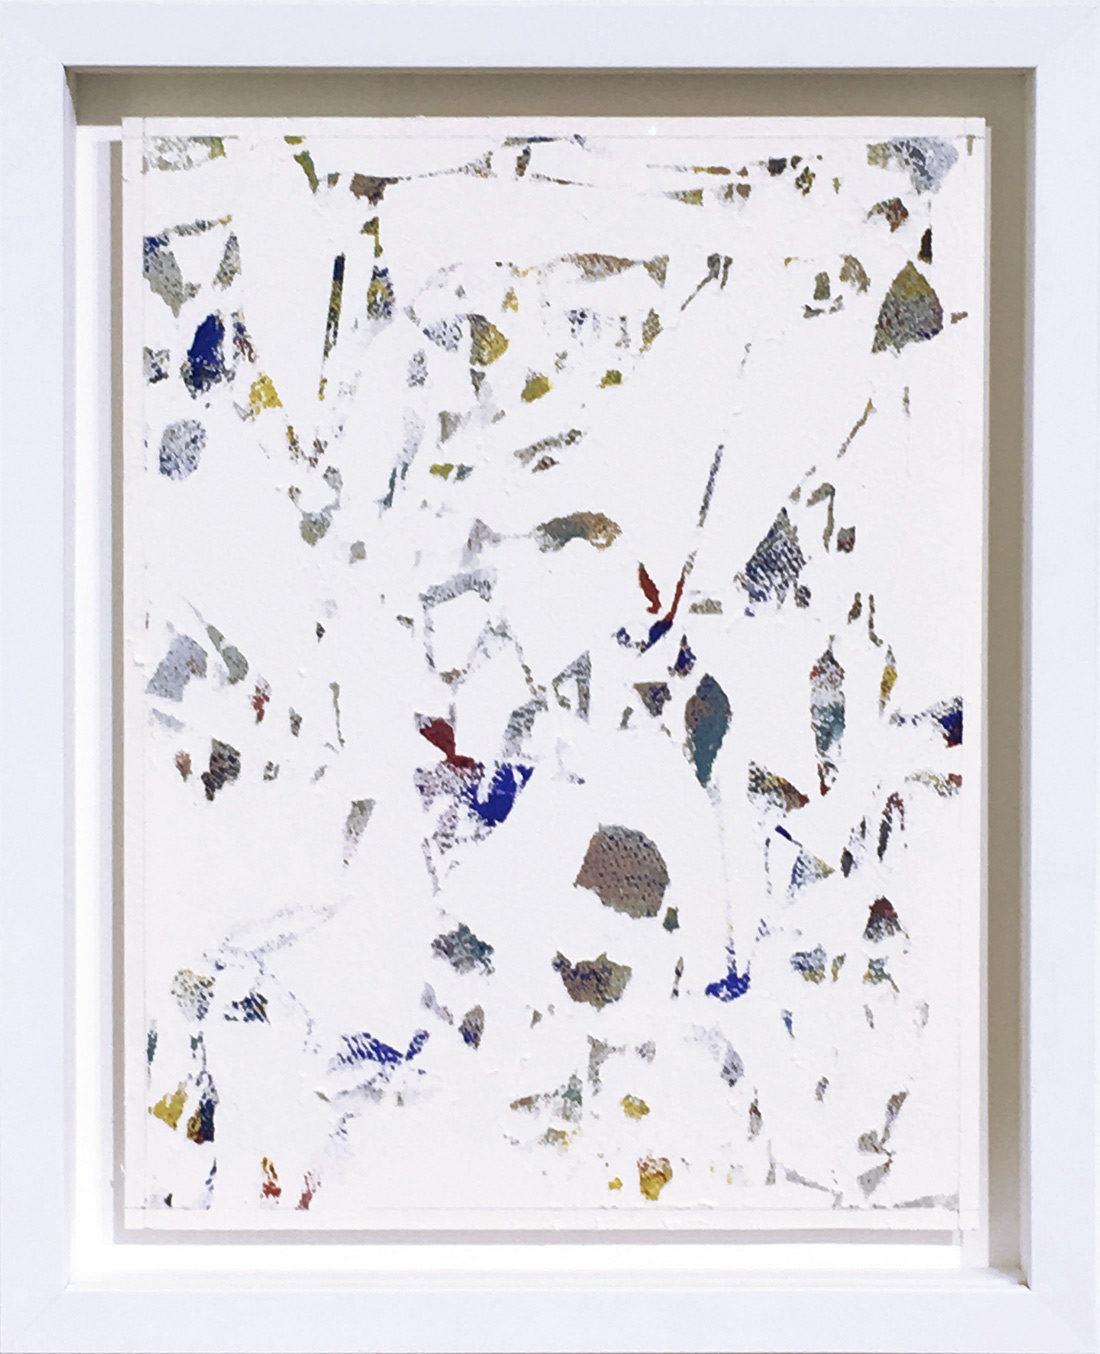 Laurent Karagueuzian - Oeuvre sur papier - Papiers écorchés no 198